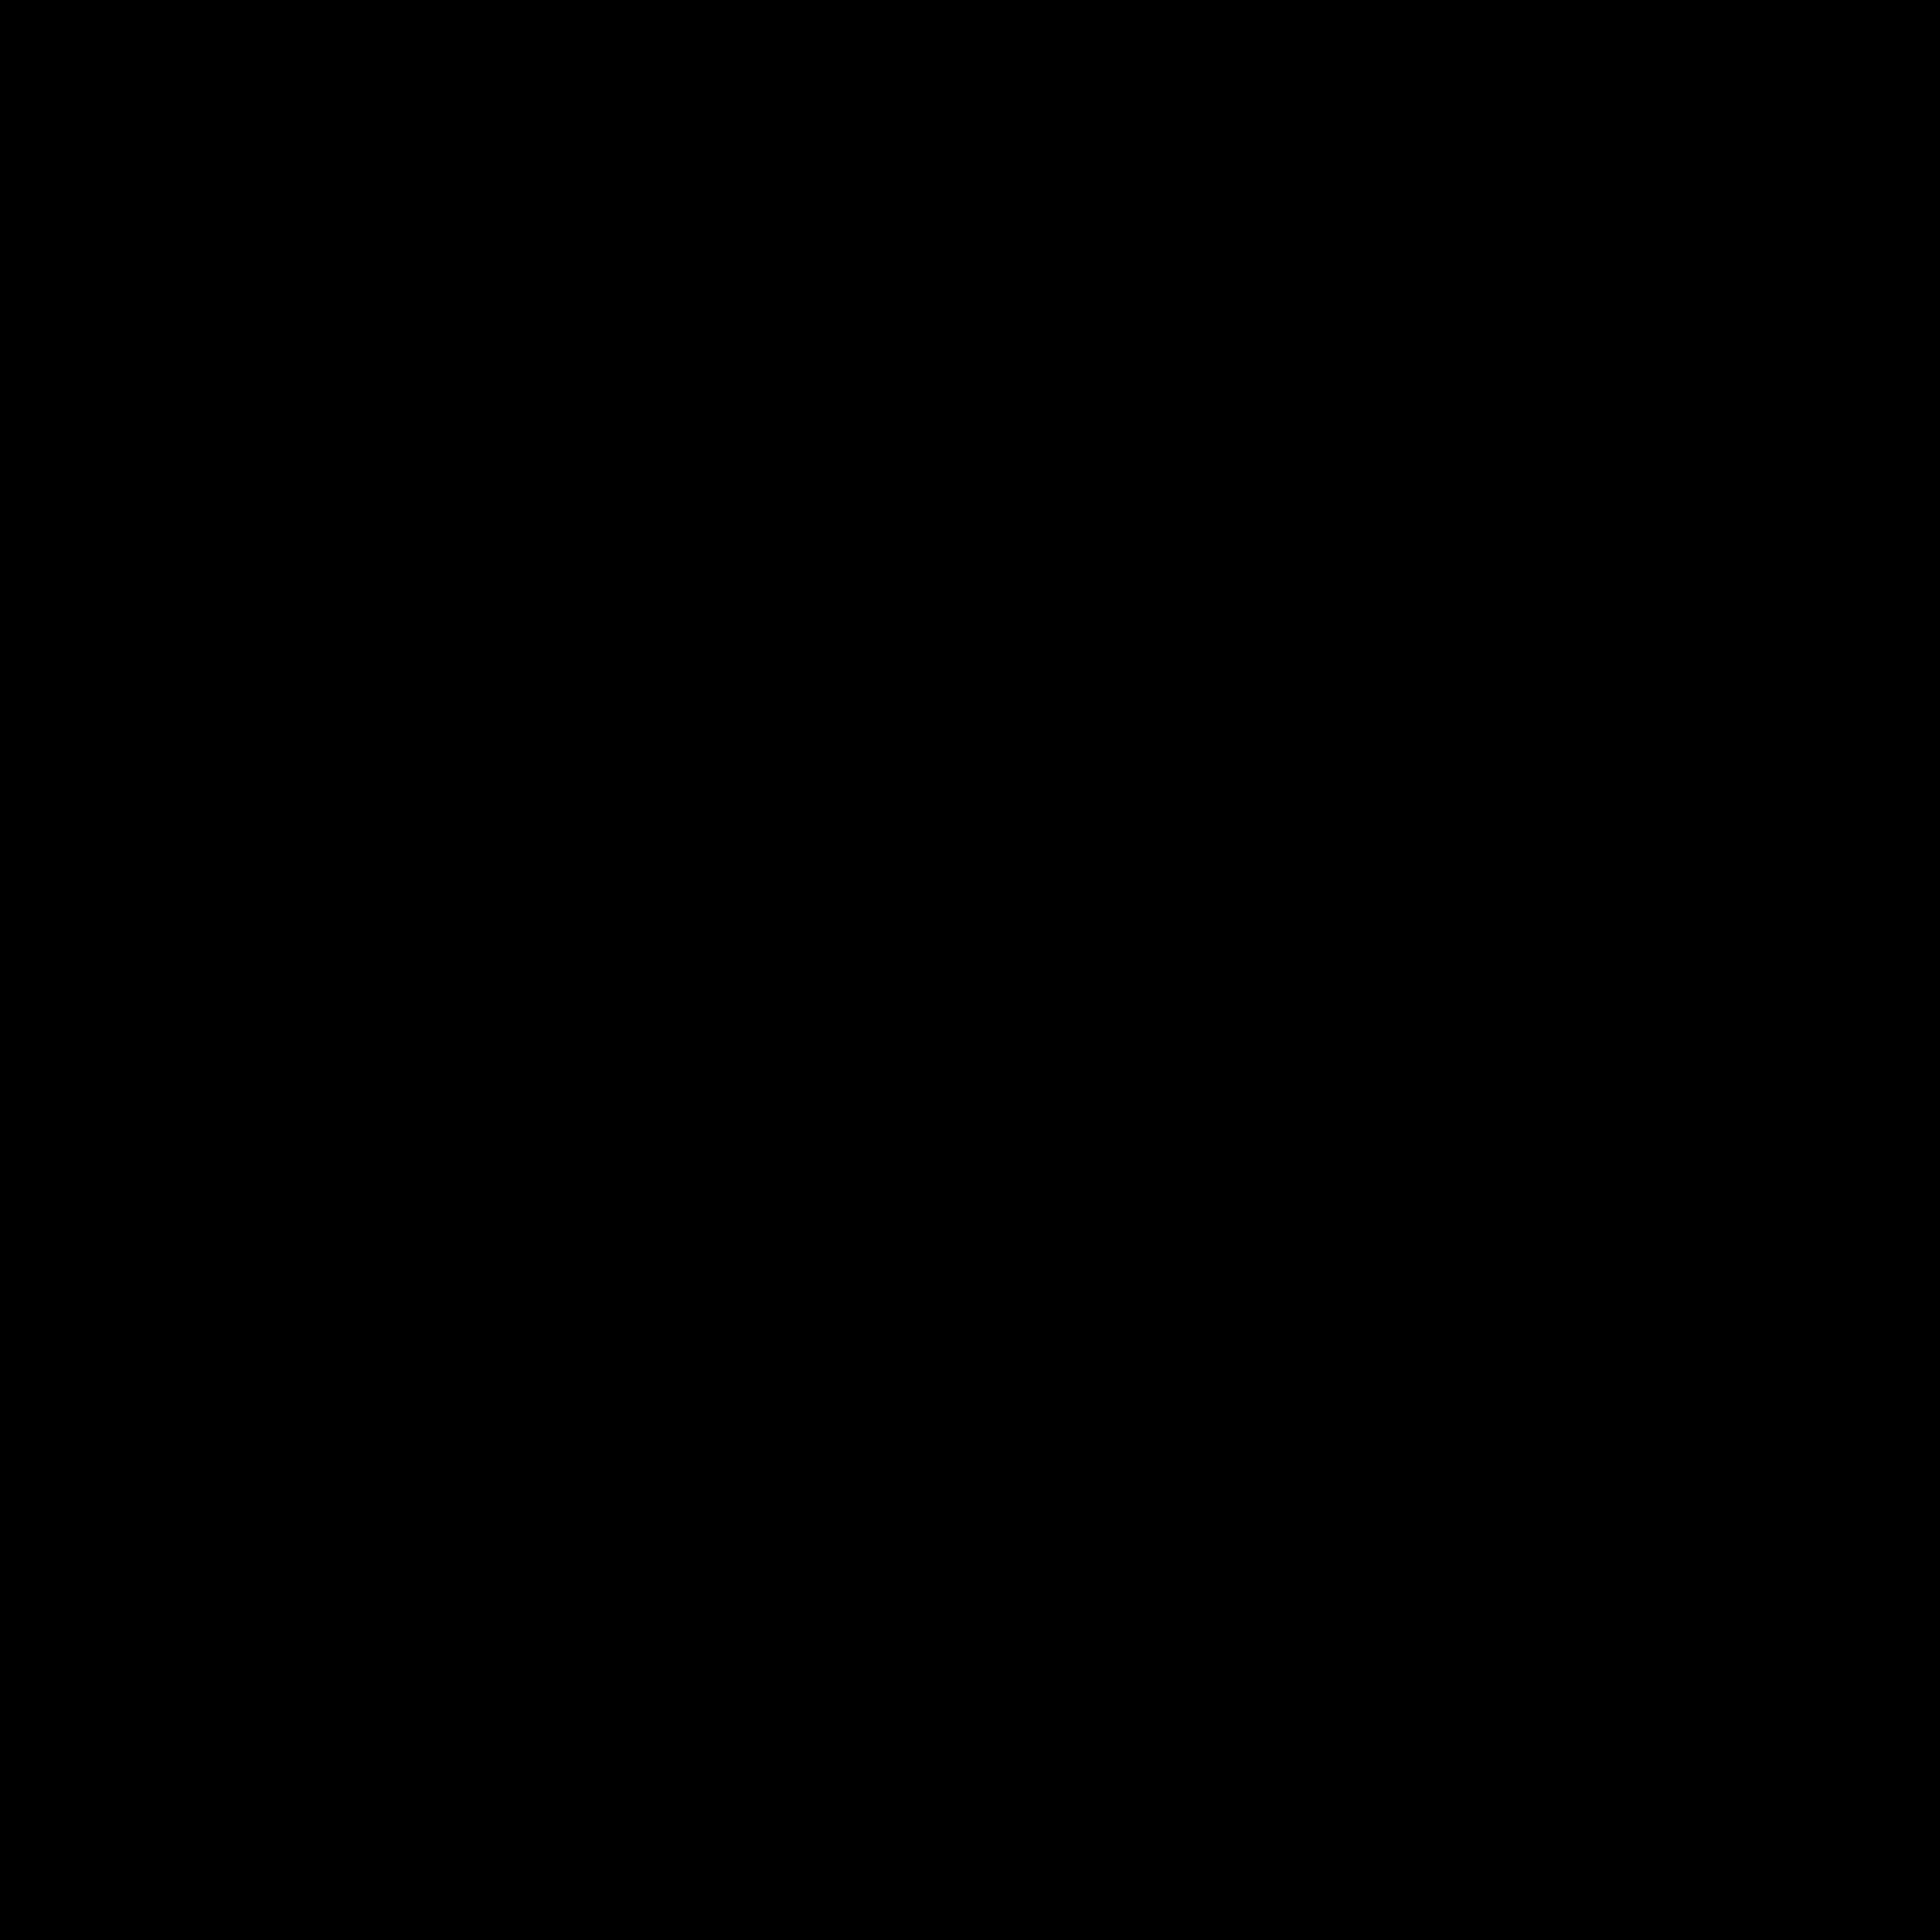 EE Logo PNG Transparent & SVG Vector - Freebie Supply